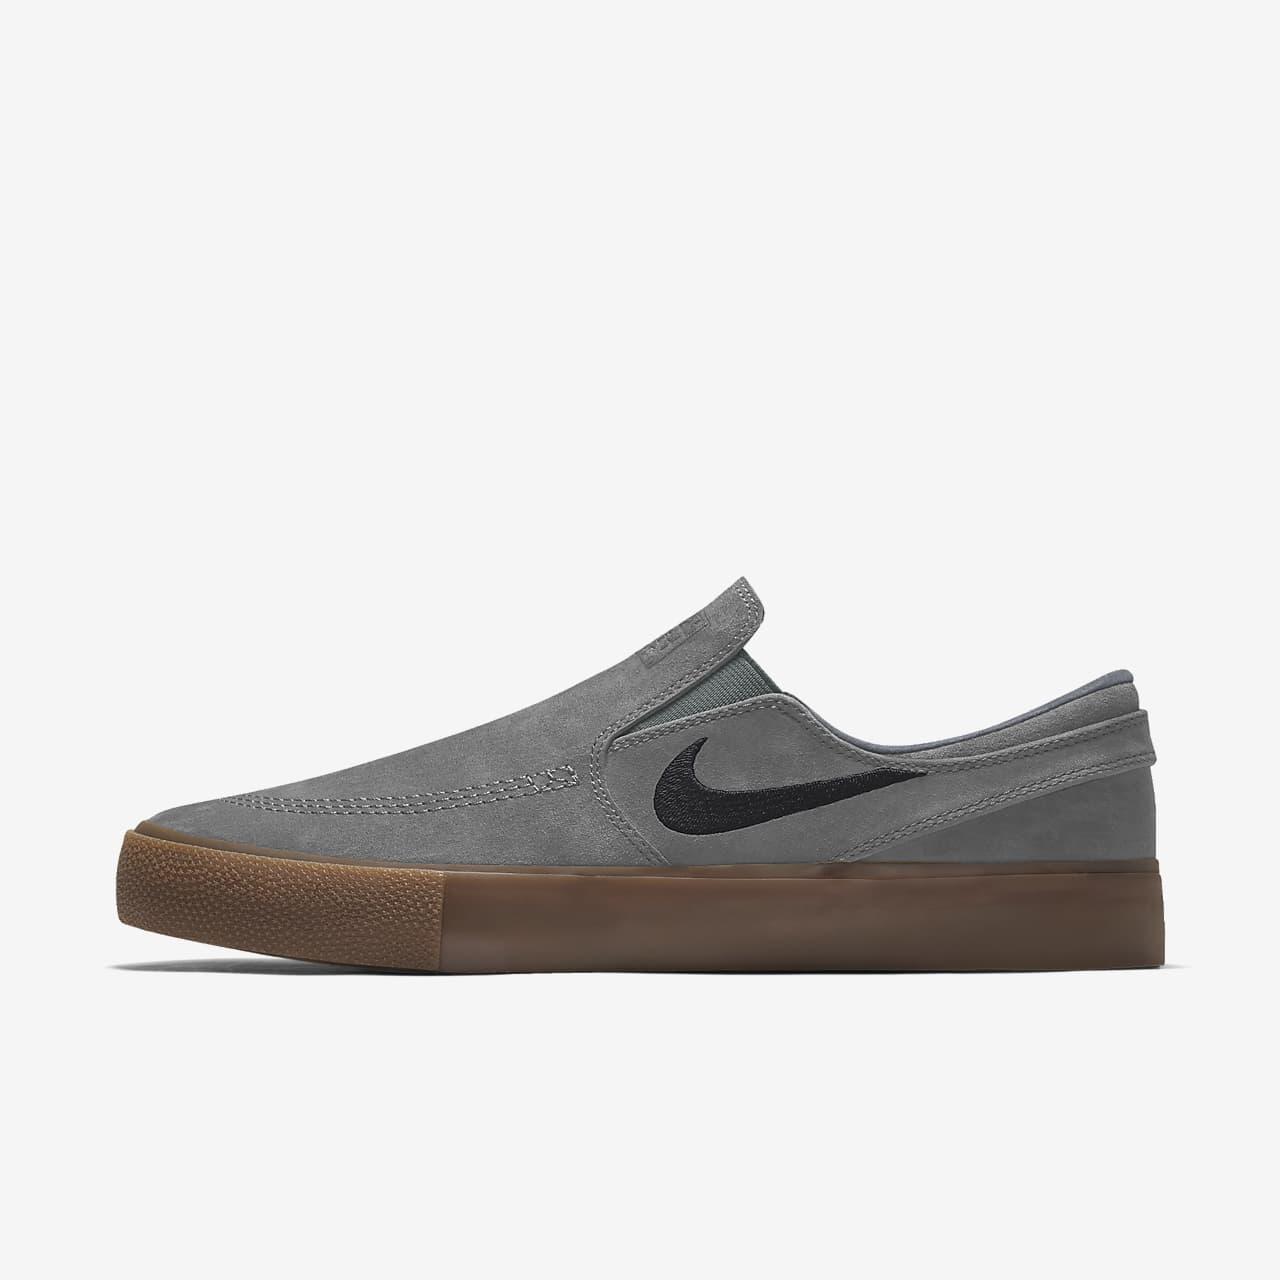 Nike SB Zoom Janoski RM By You Custom Skate Shoe